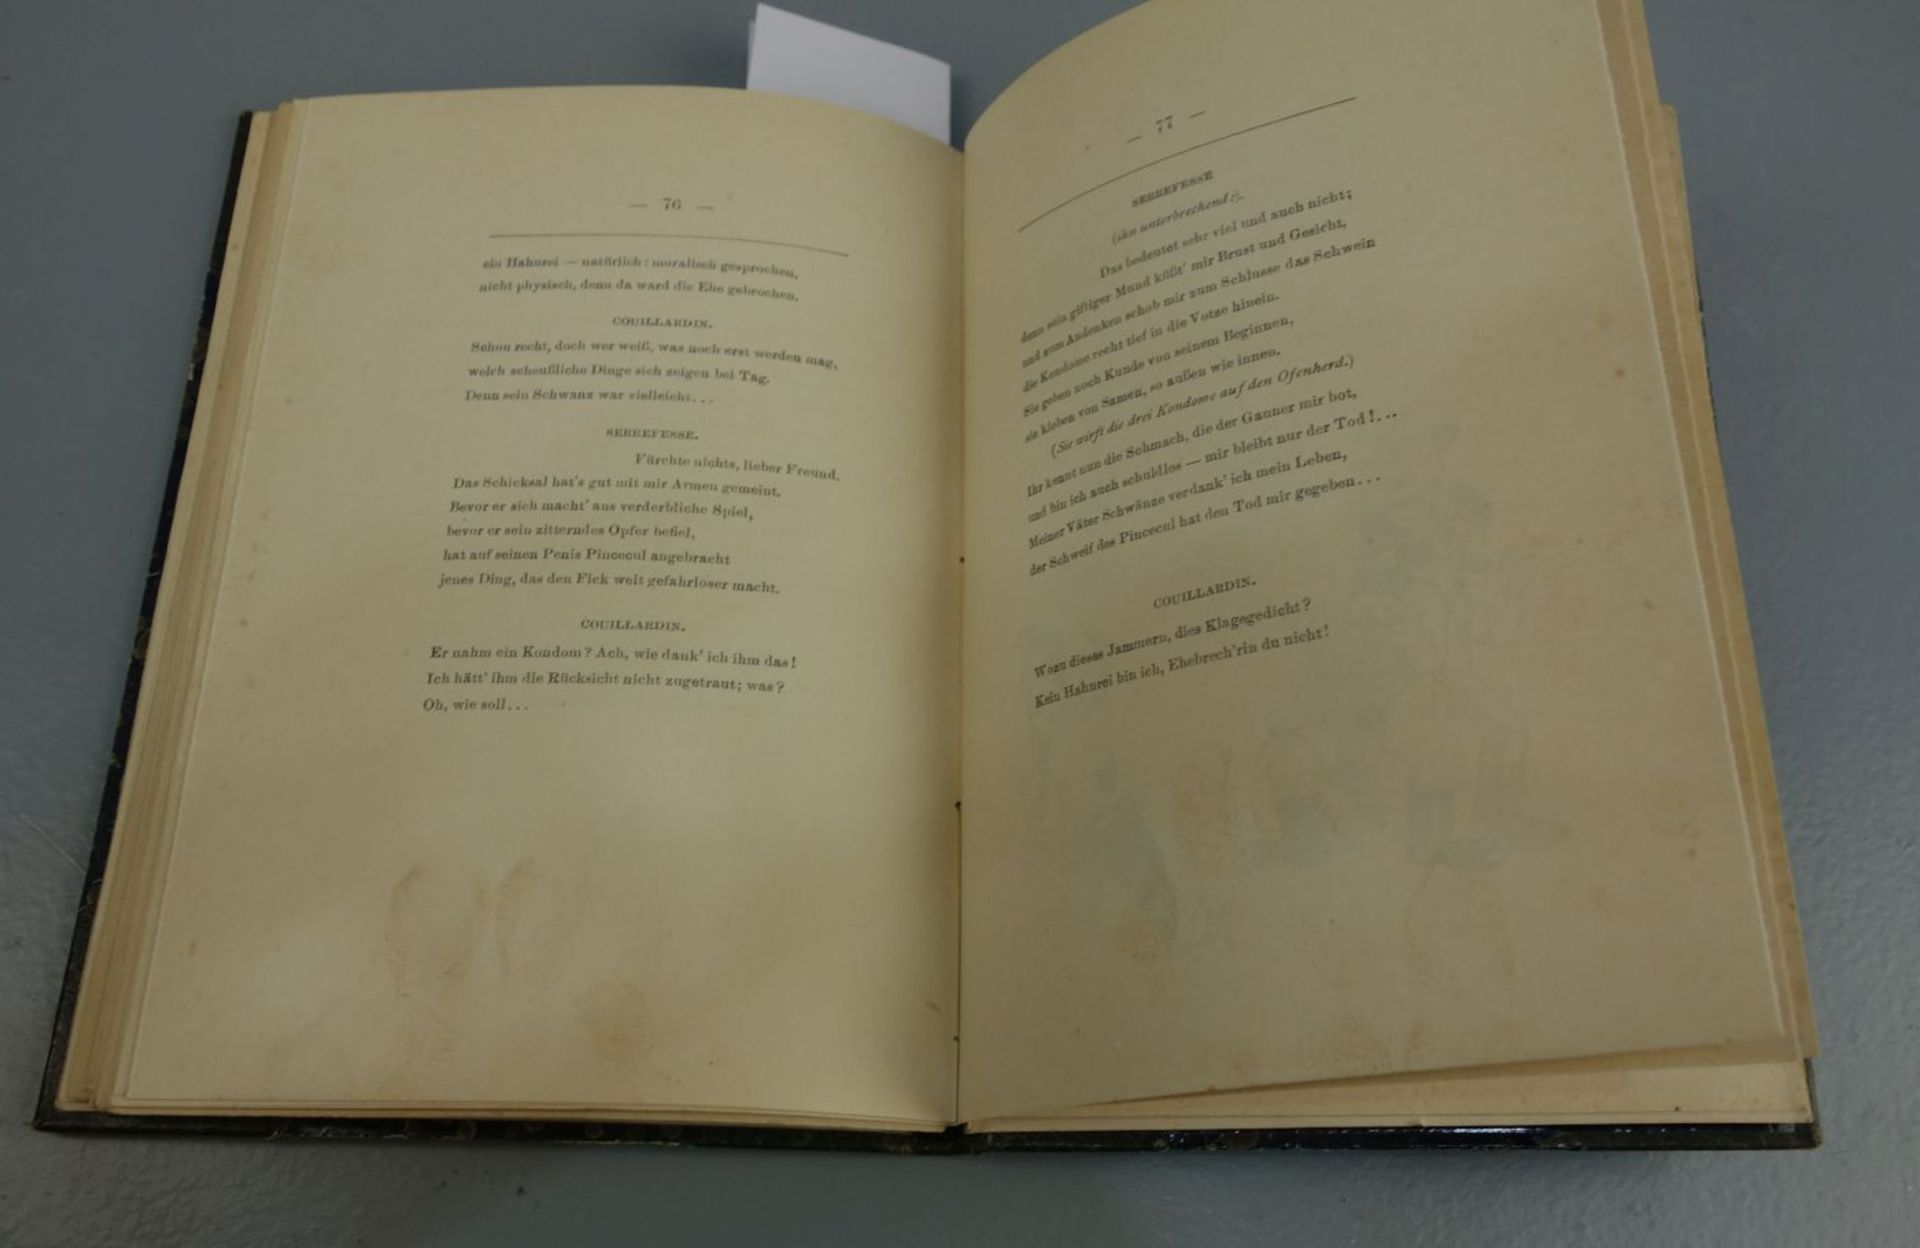 BUCH MIT EROTISCHEN ILLUSTRATIONEN VON 1910 - Image 5 of 6